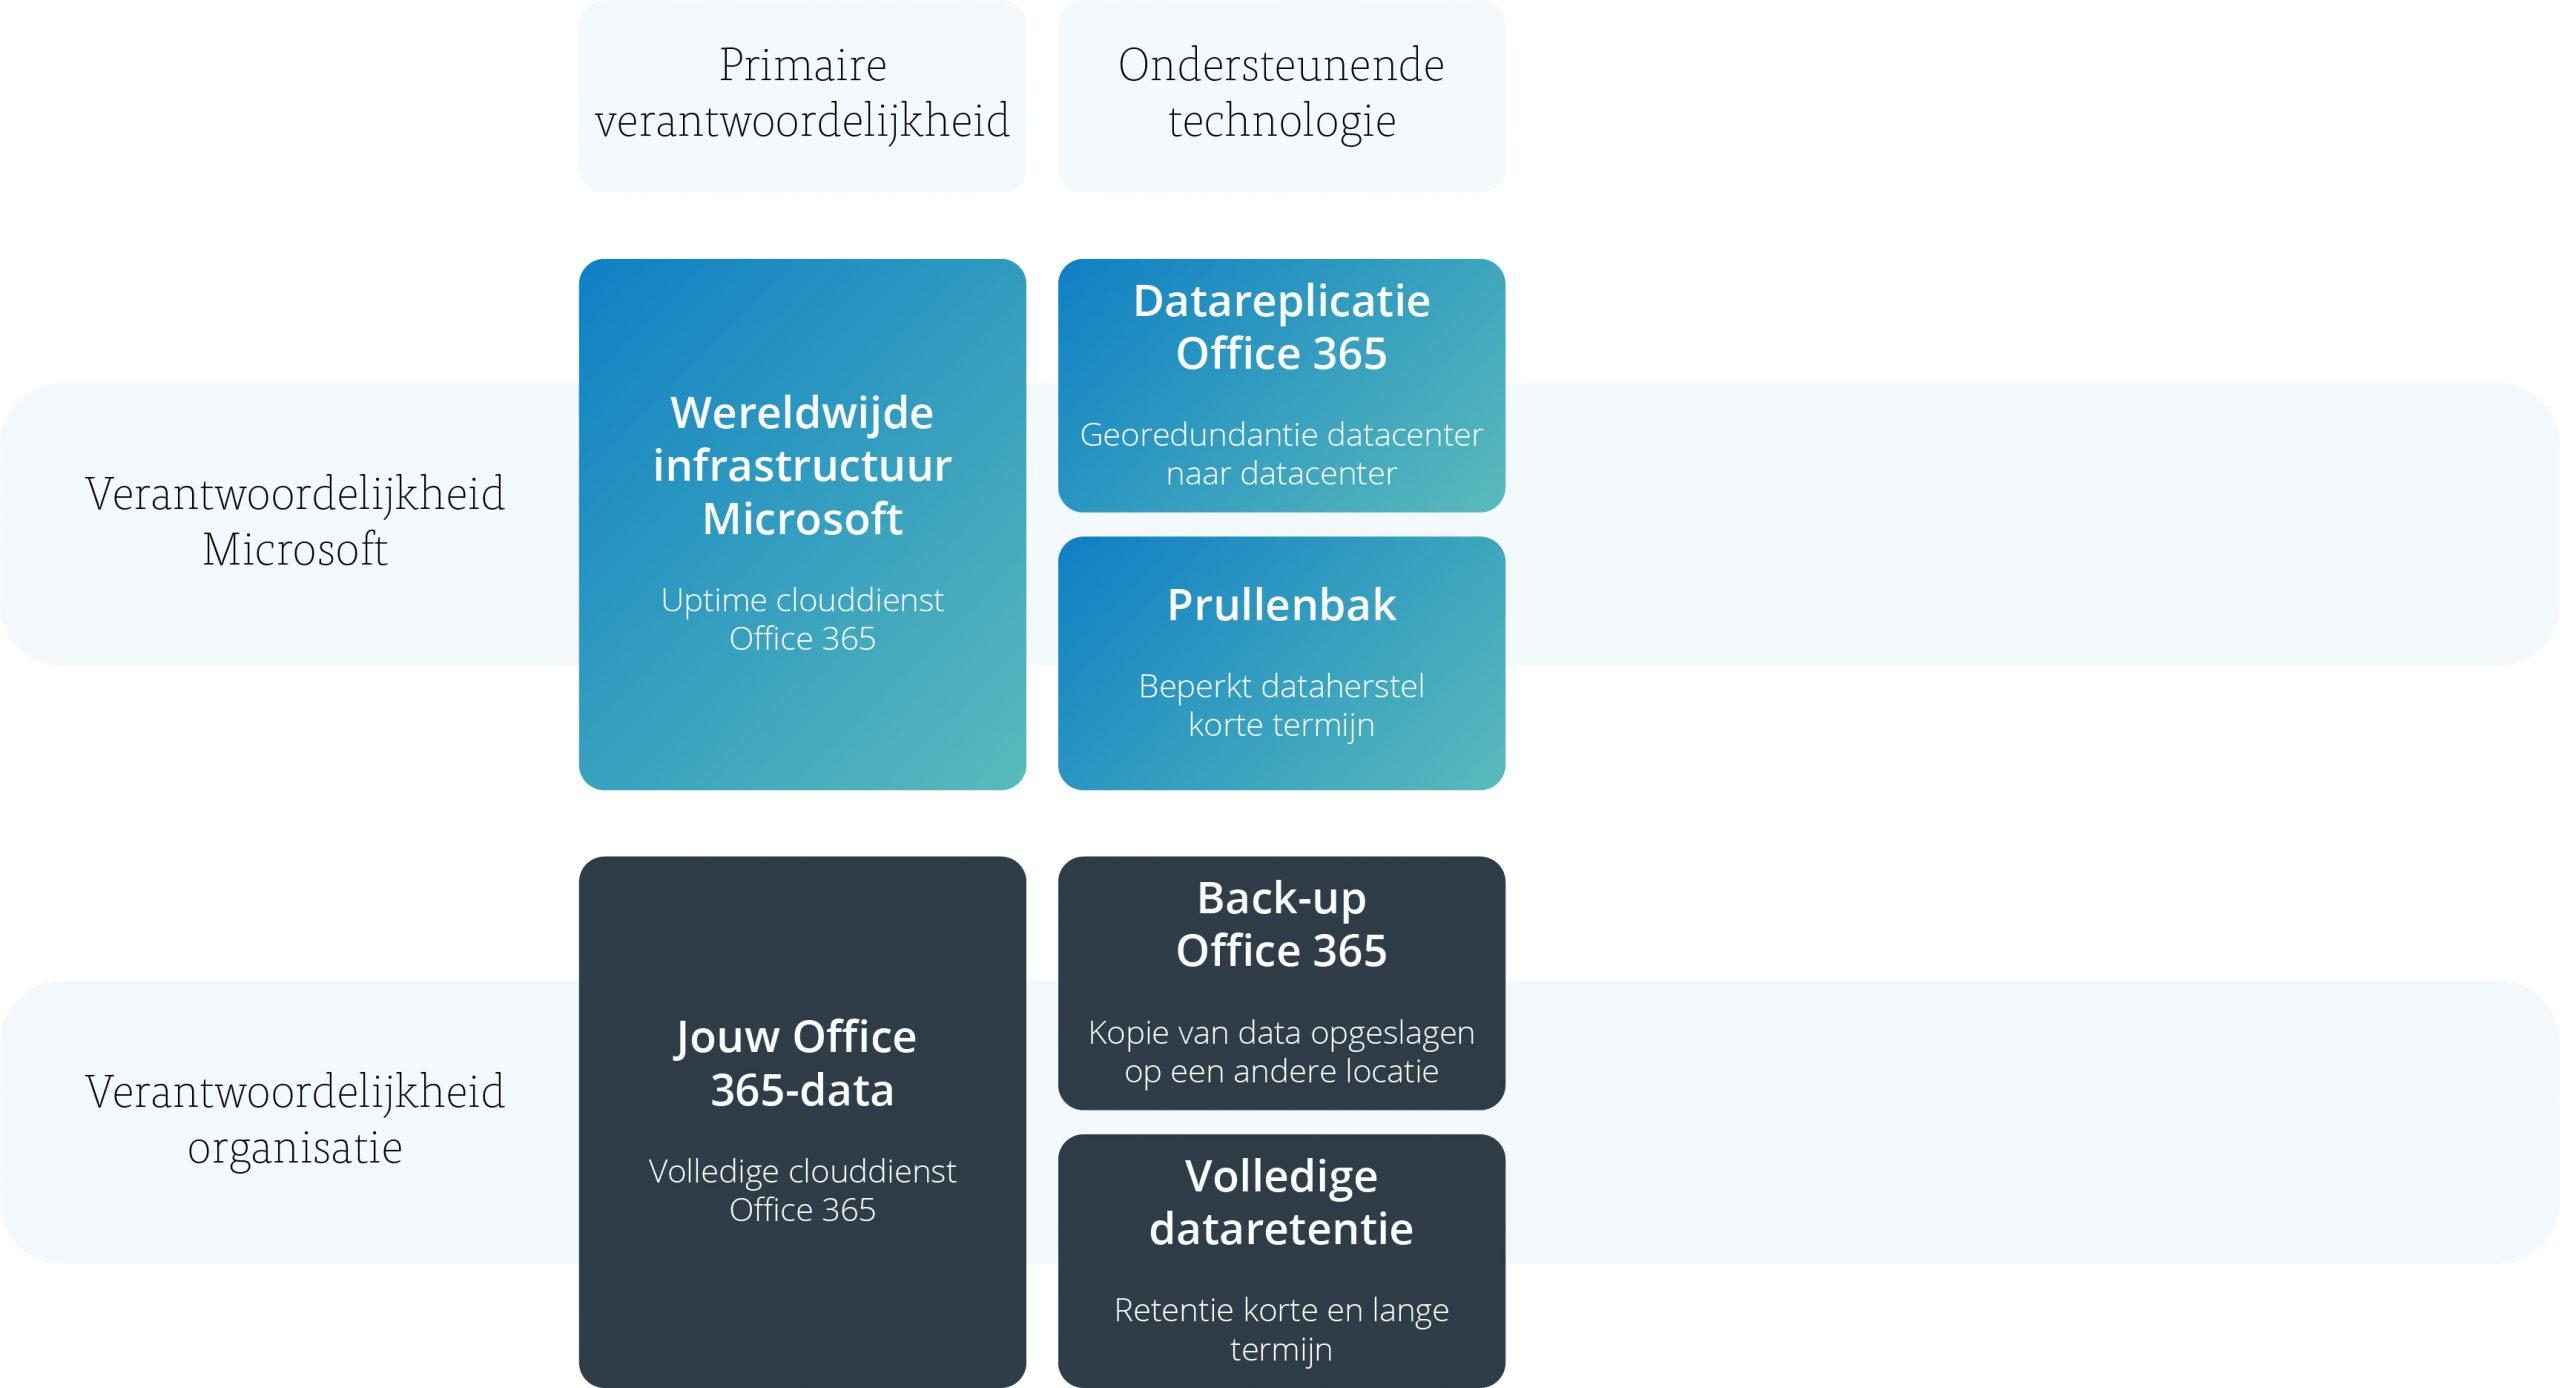 Model back-up voor Office 365 - afbeelding 3